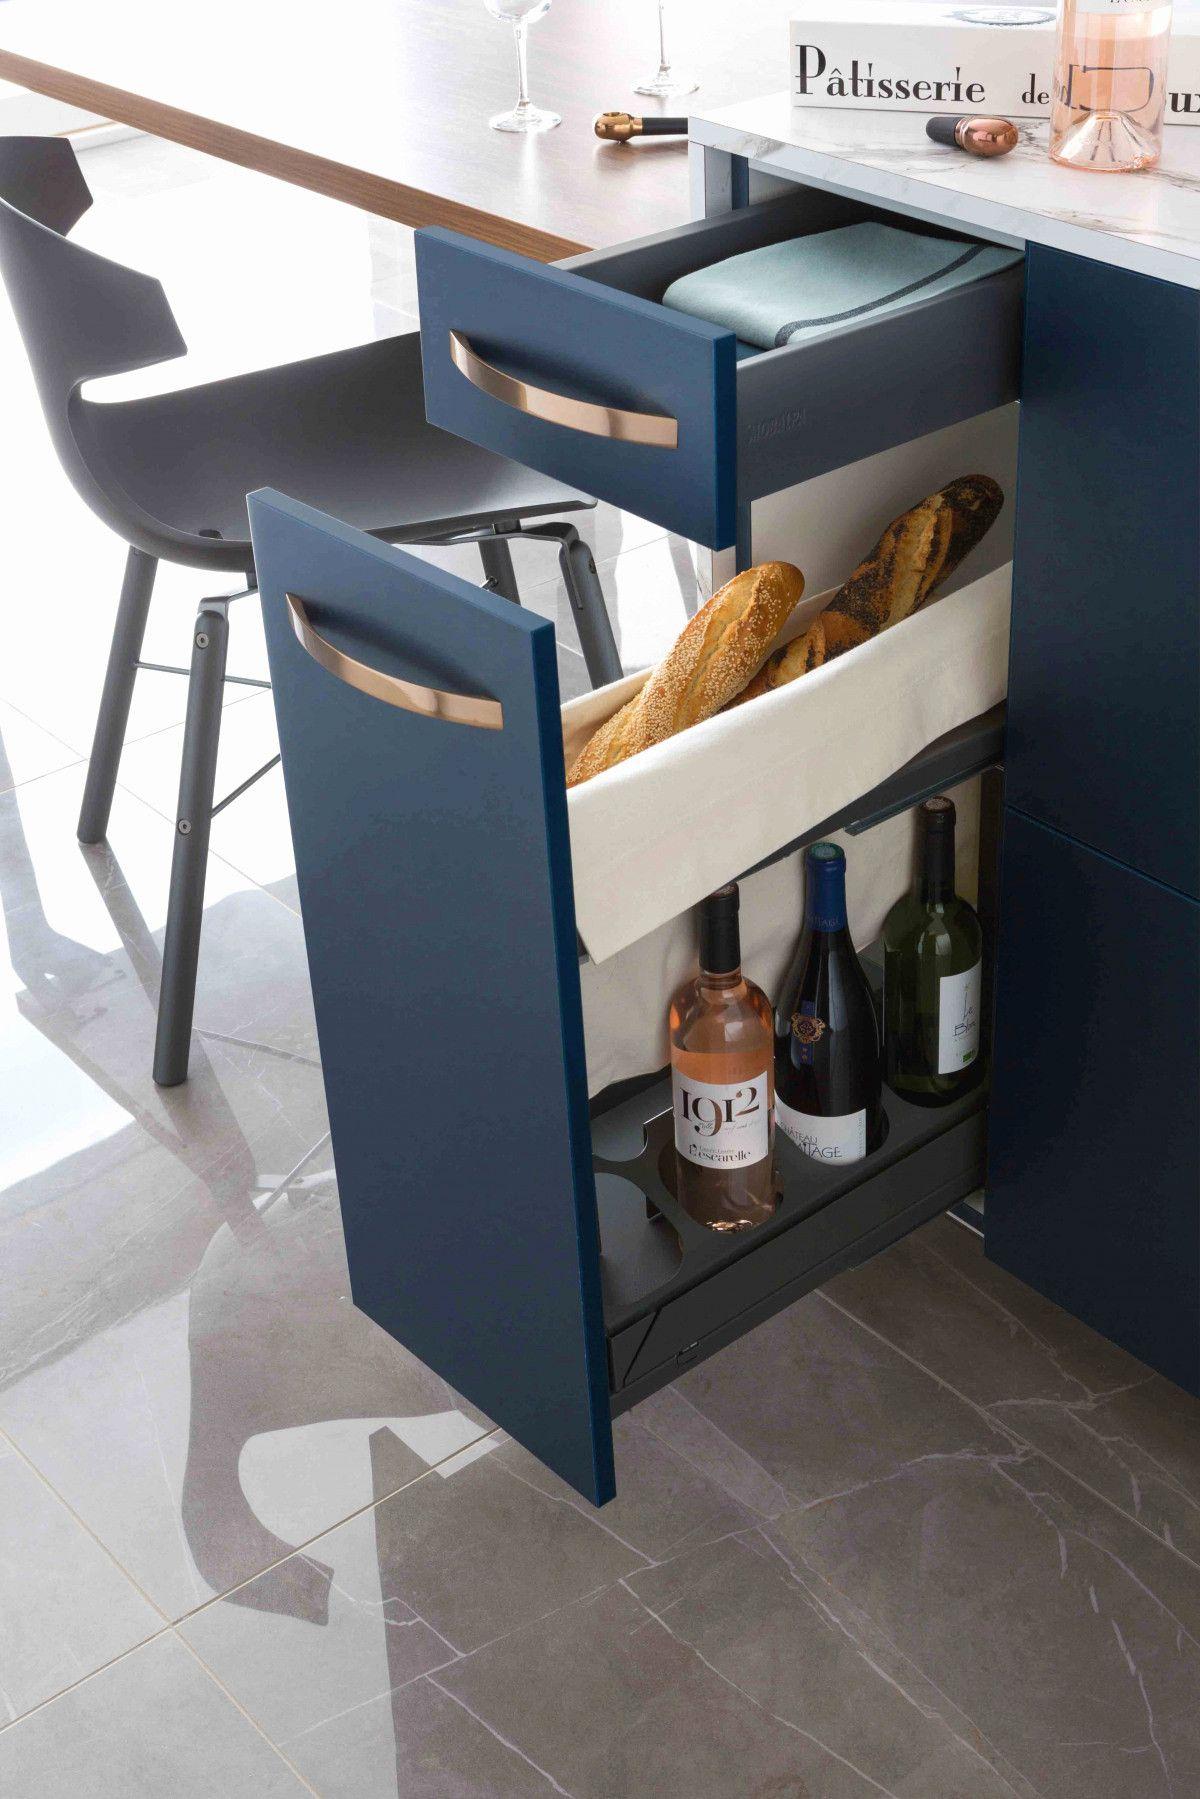 Best Of Appartement A Vendre Marseille Le Bon Coin Mobilier De Salon Meuble Blanc Et Bois Et Meuble Bas Blanc